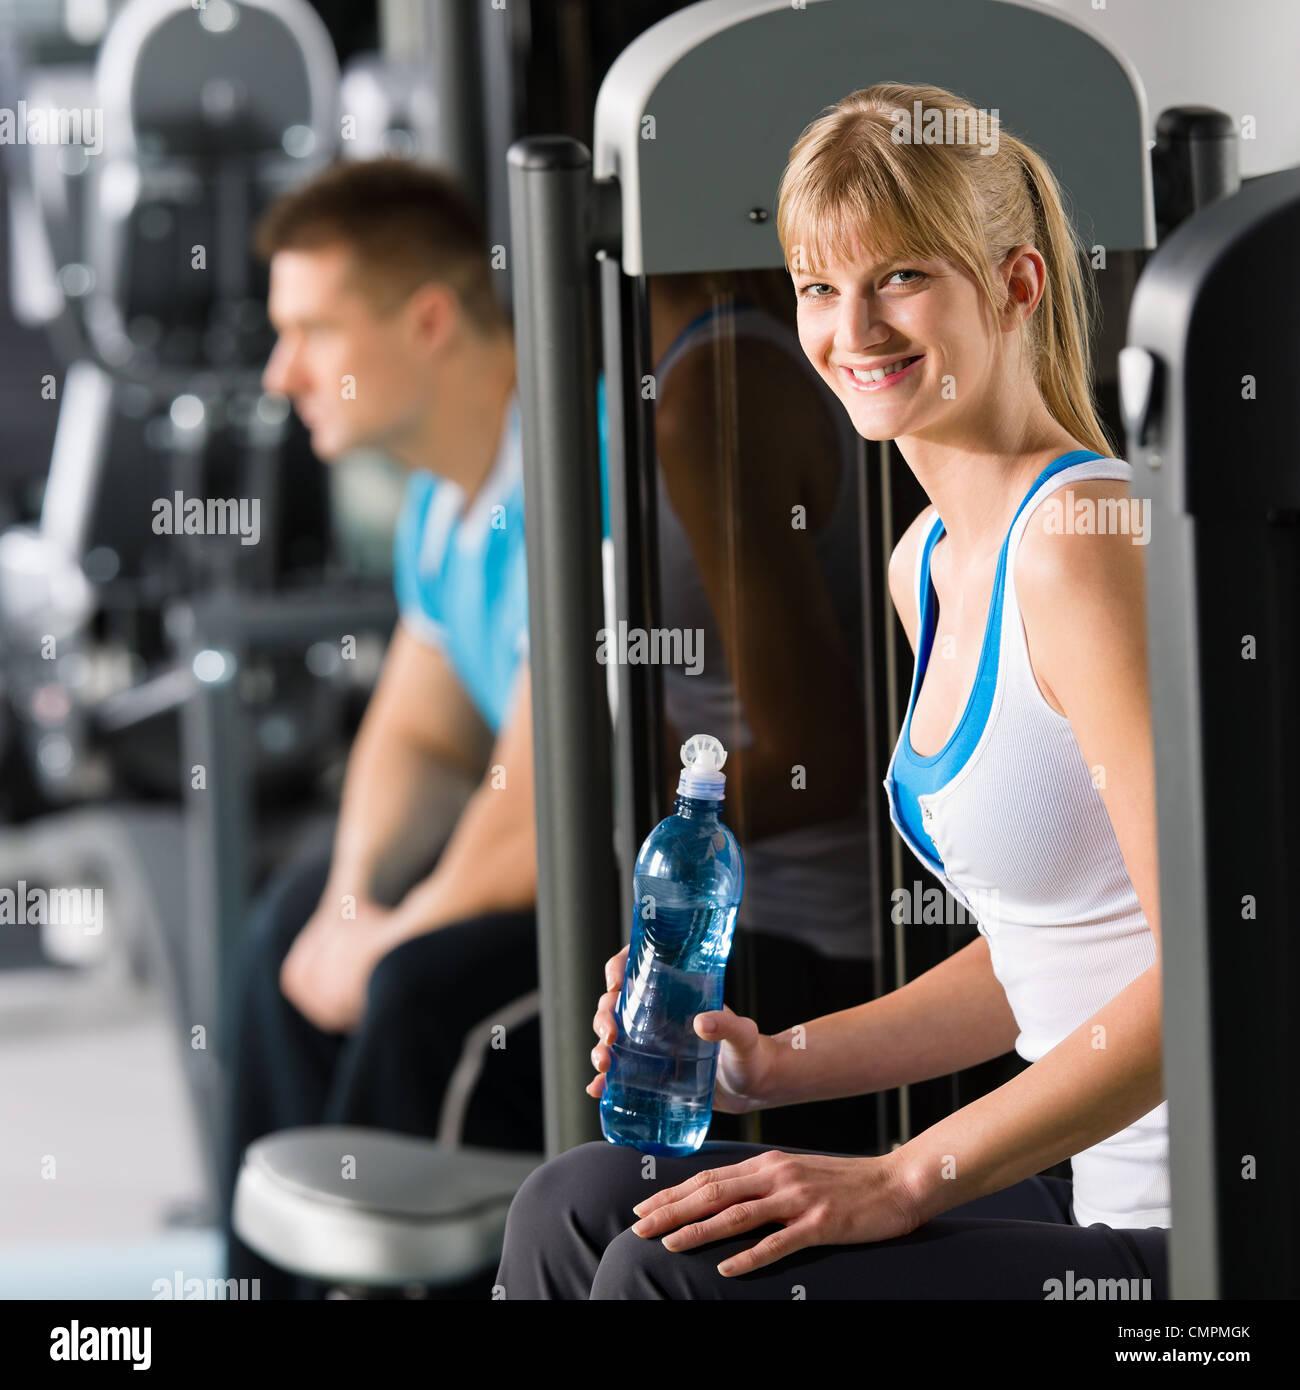 En el gimnasio joven relajarse en máquina de ejercicio Imagen De Stock